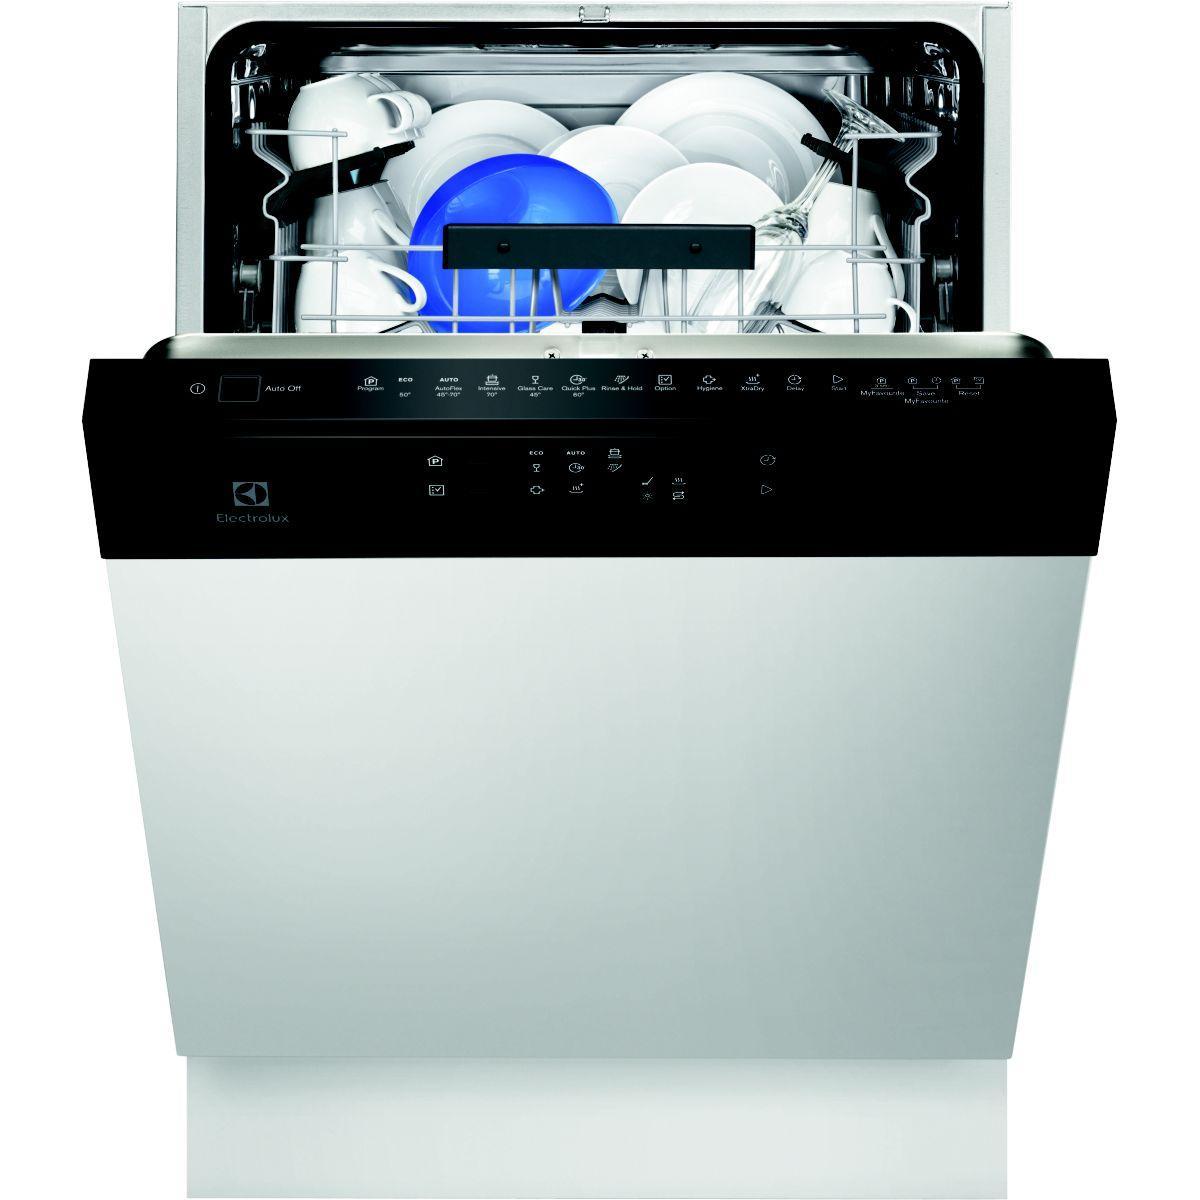 Lave-vaisselle intégrable electrolux esi5511lok - 2% de remise immédiate avec le code : cool2